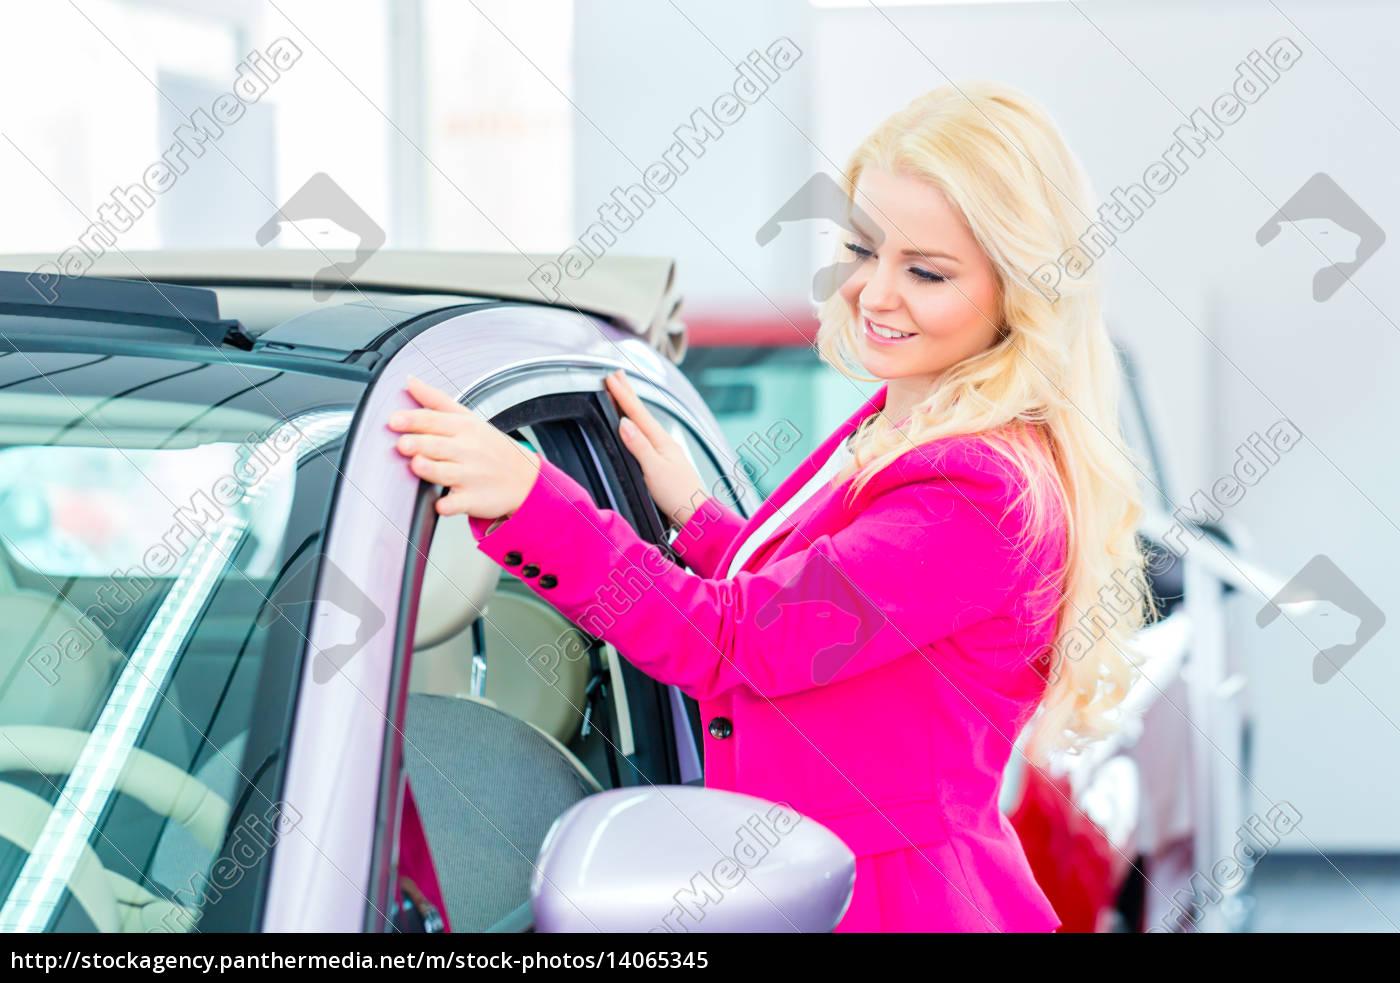 frau, sucht, neuwagen, im, autohaus, aus - 14065345